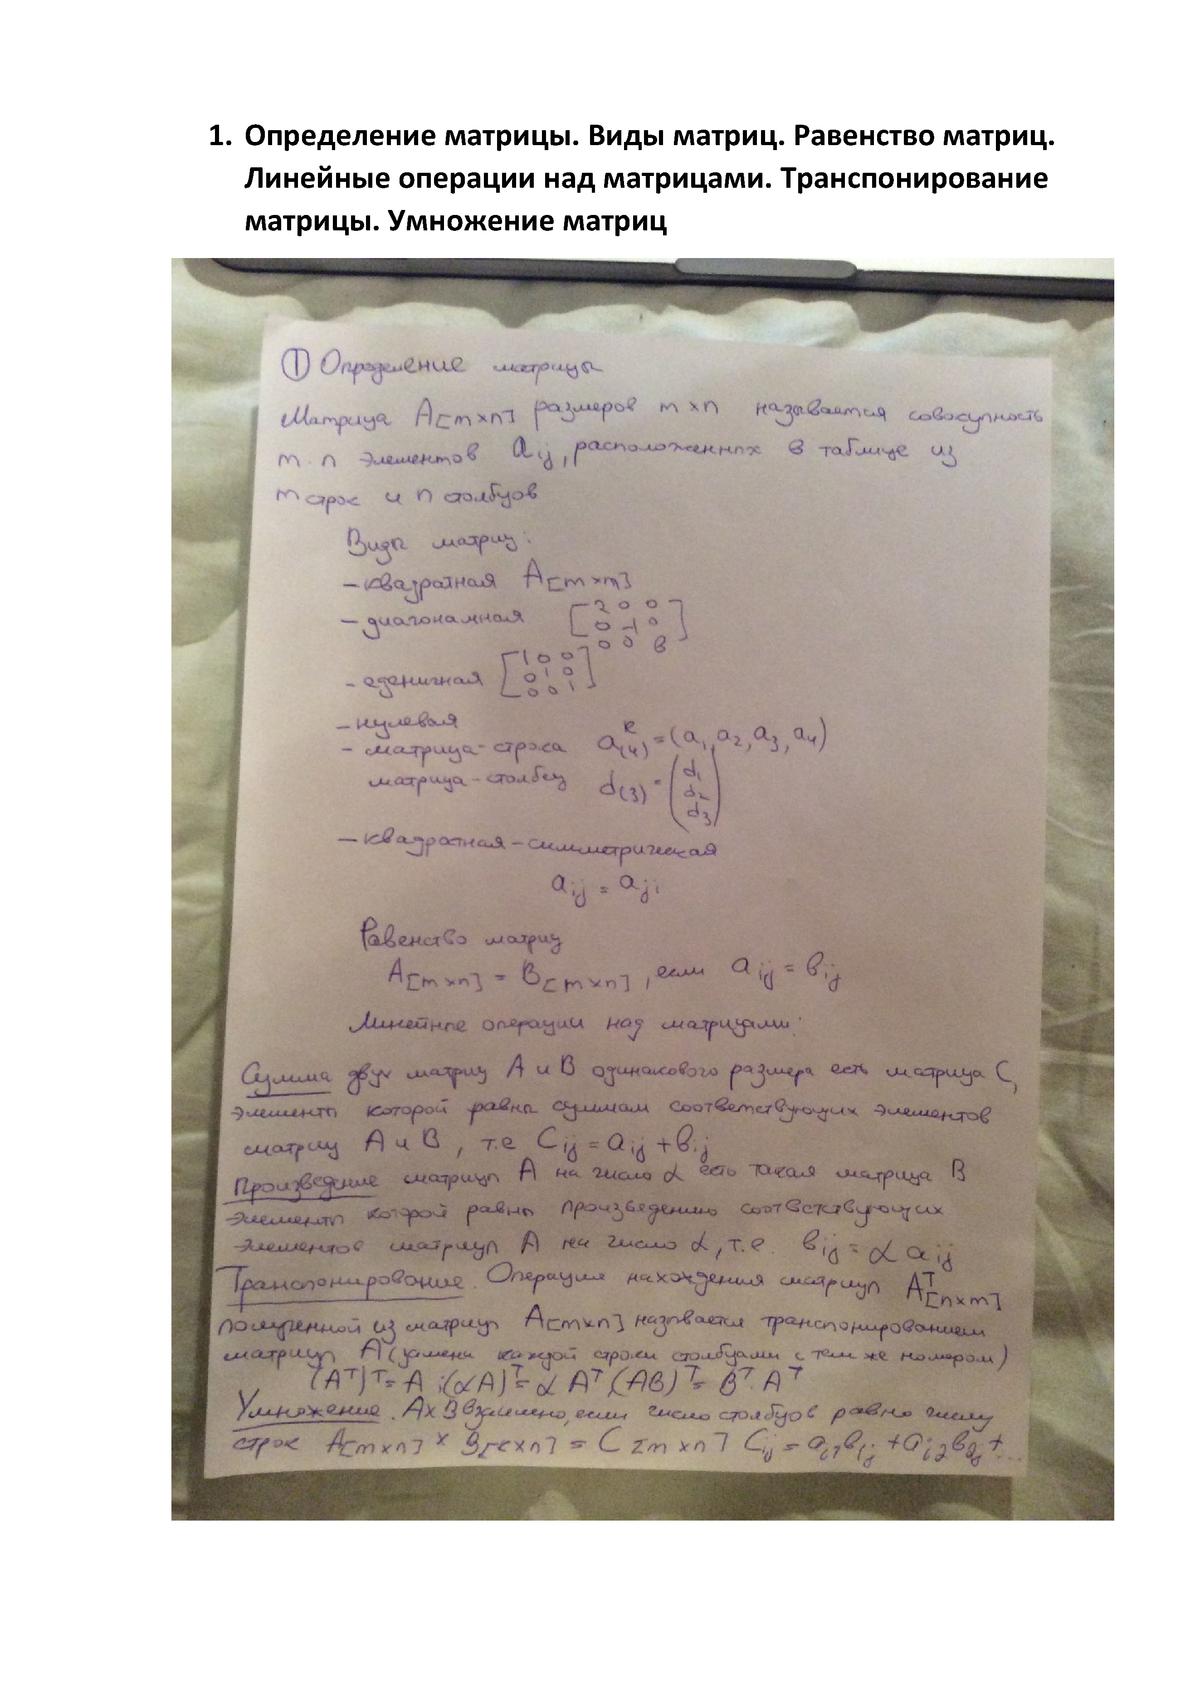 ответы на билеты по линейной алгебре